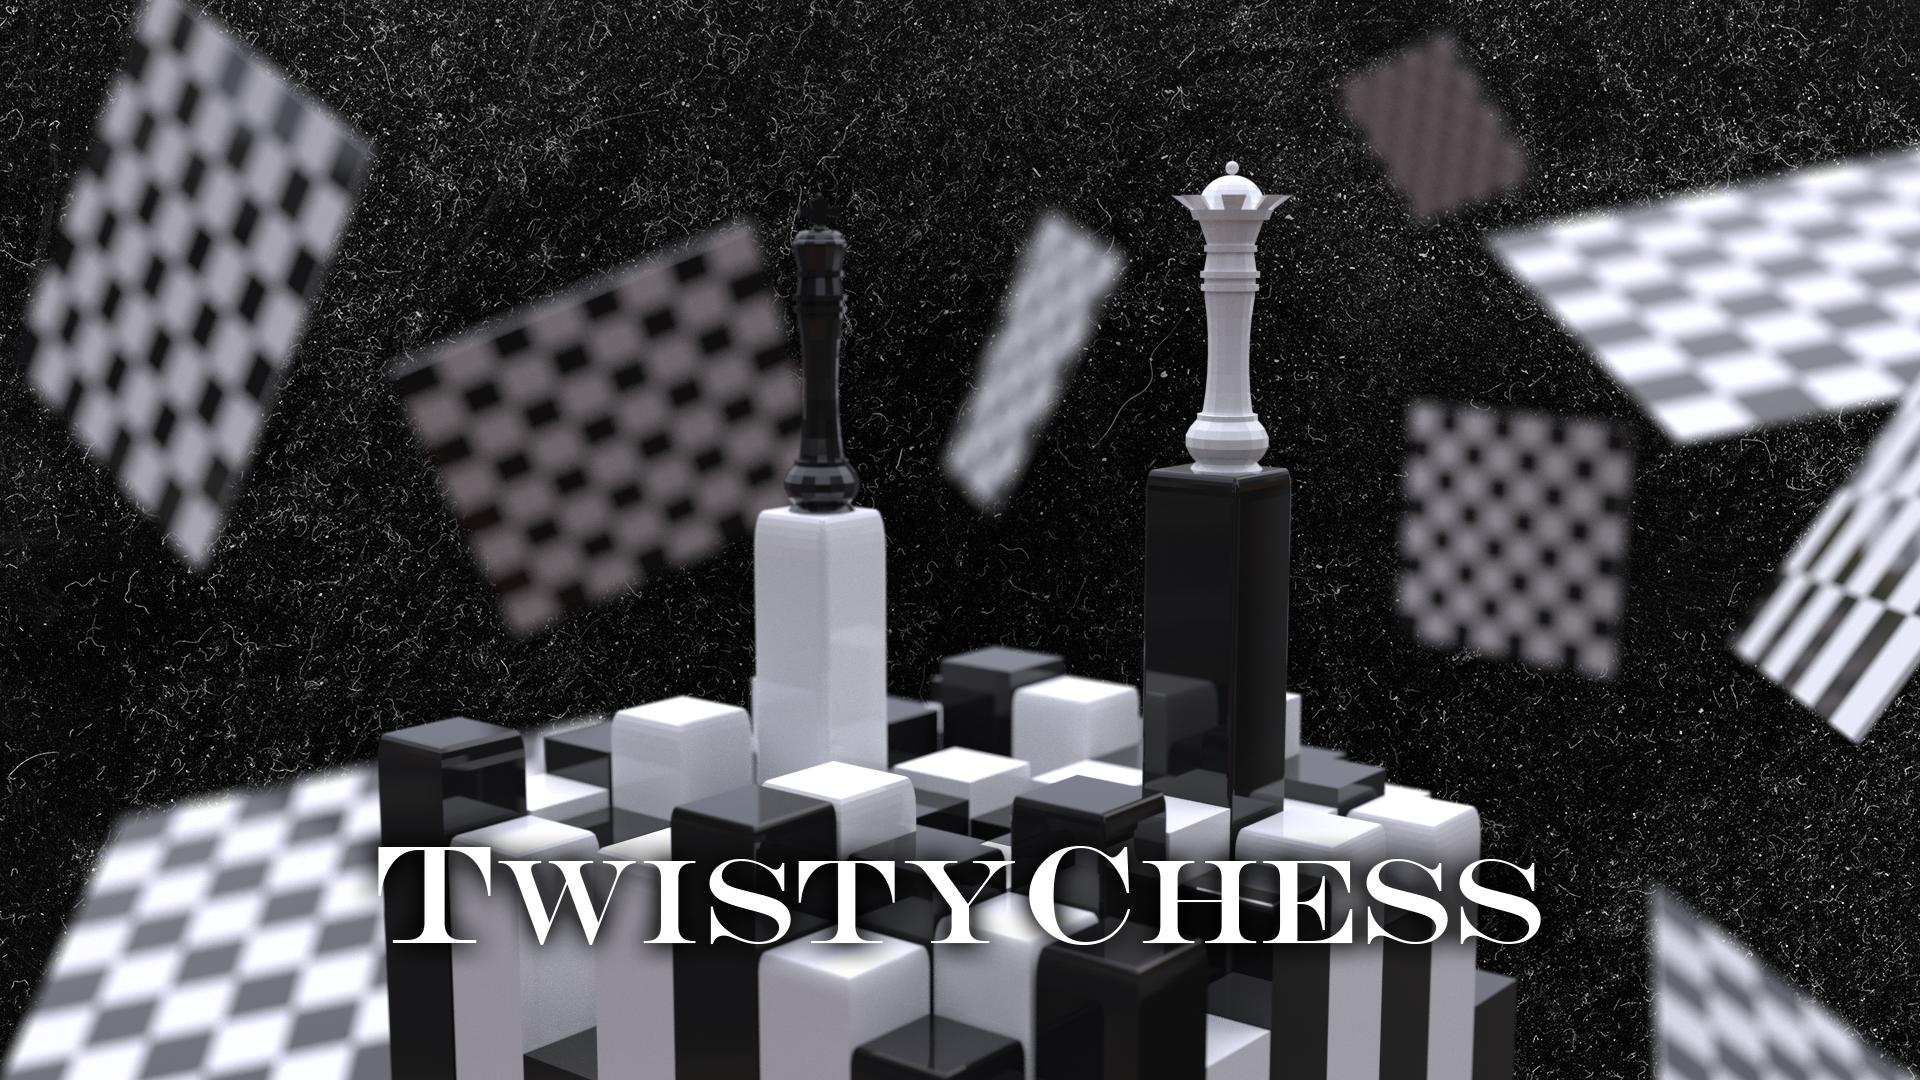 Twisty Chess